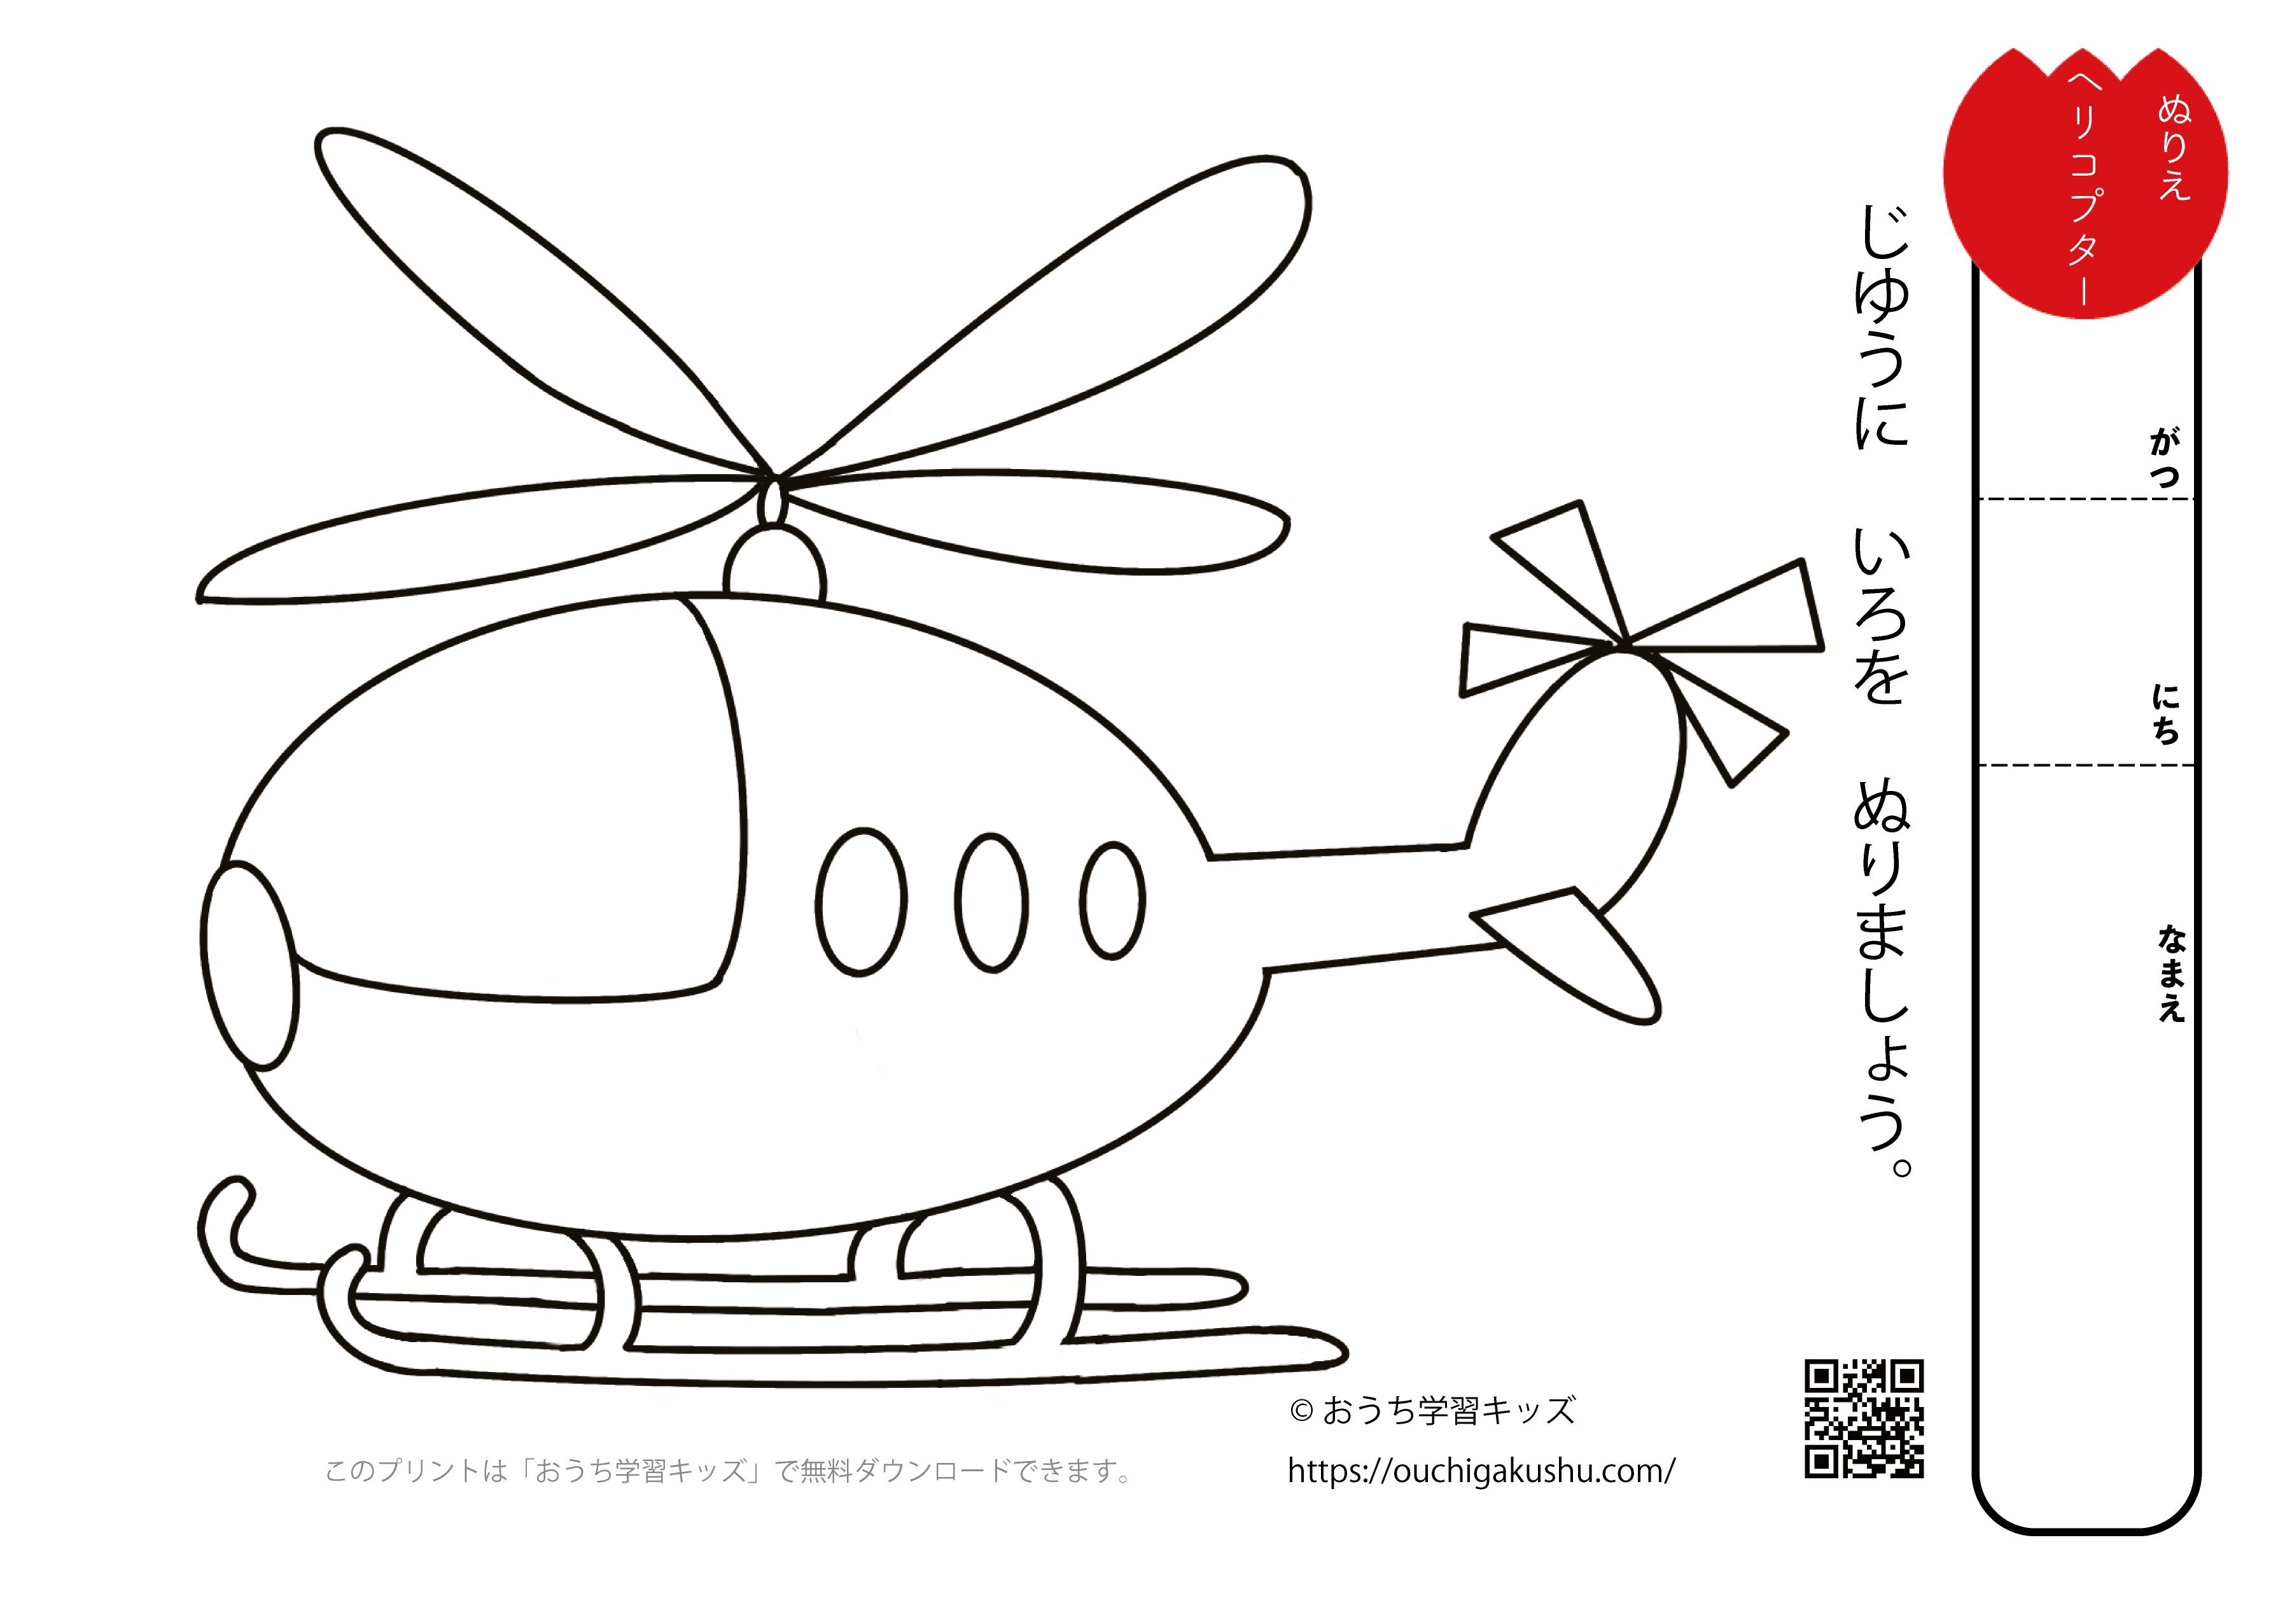 無料ぬりえプリント「ヘリコプター」